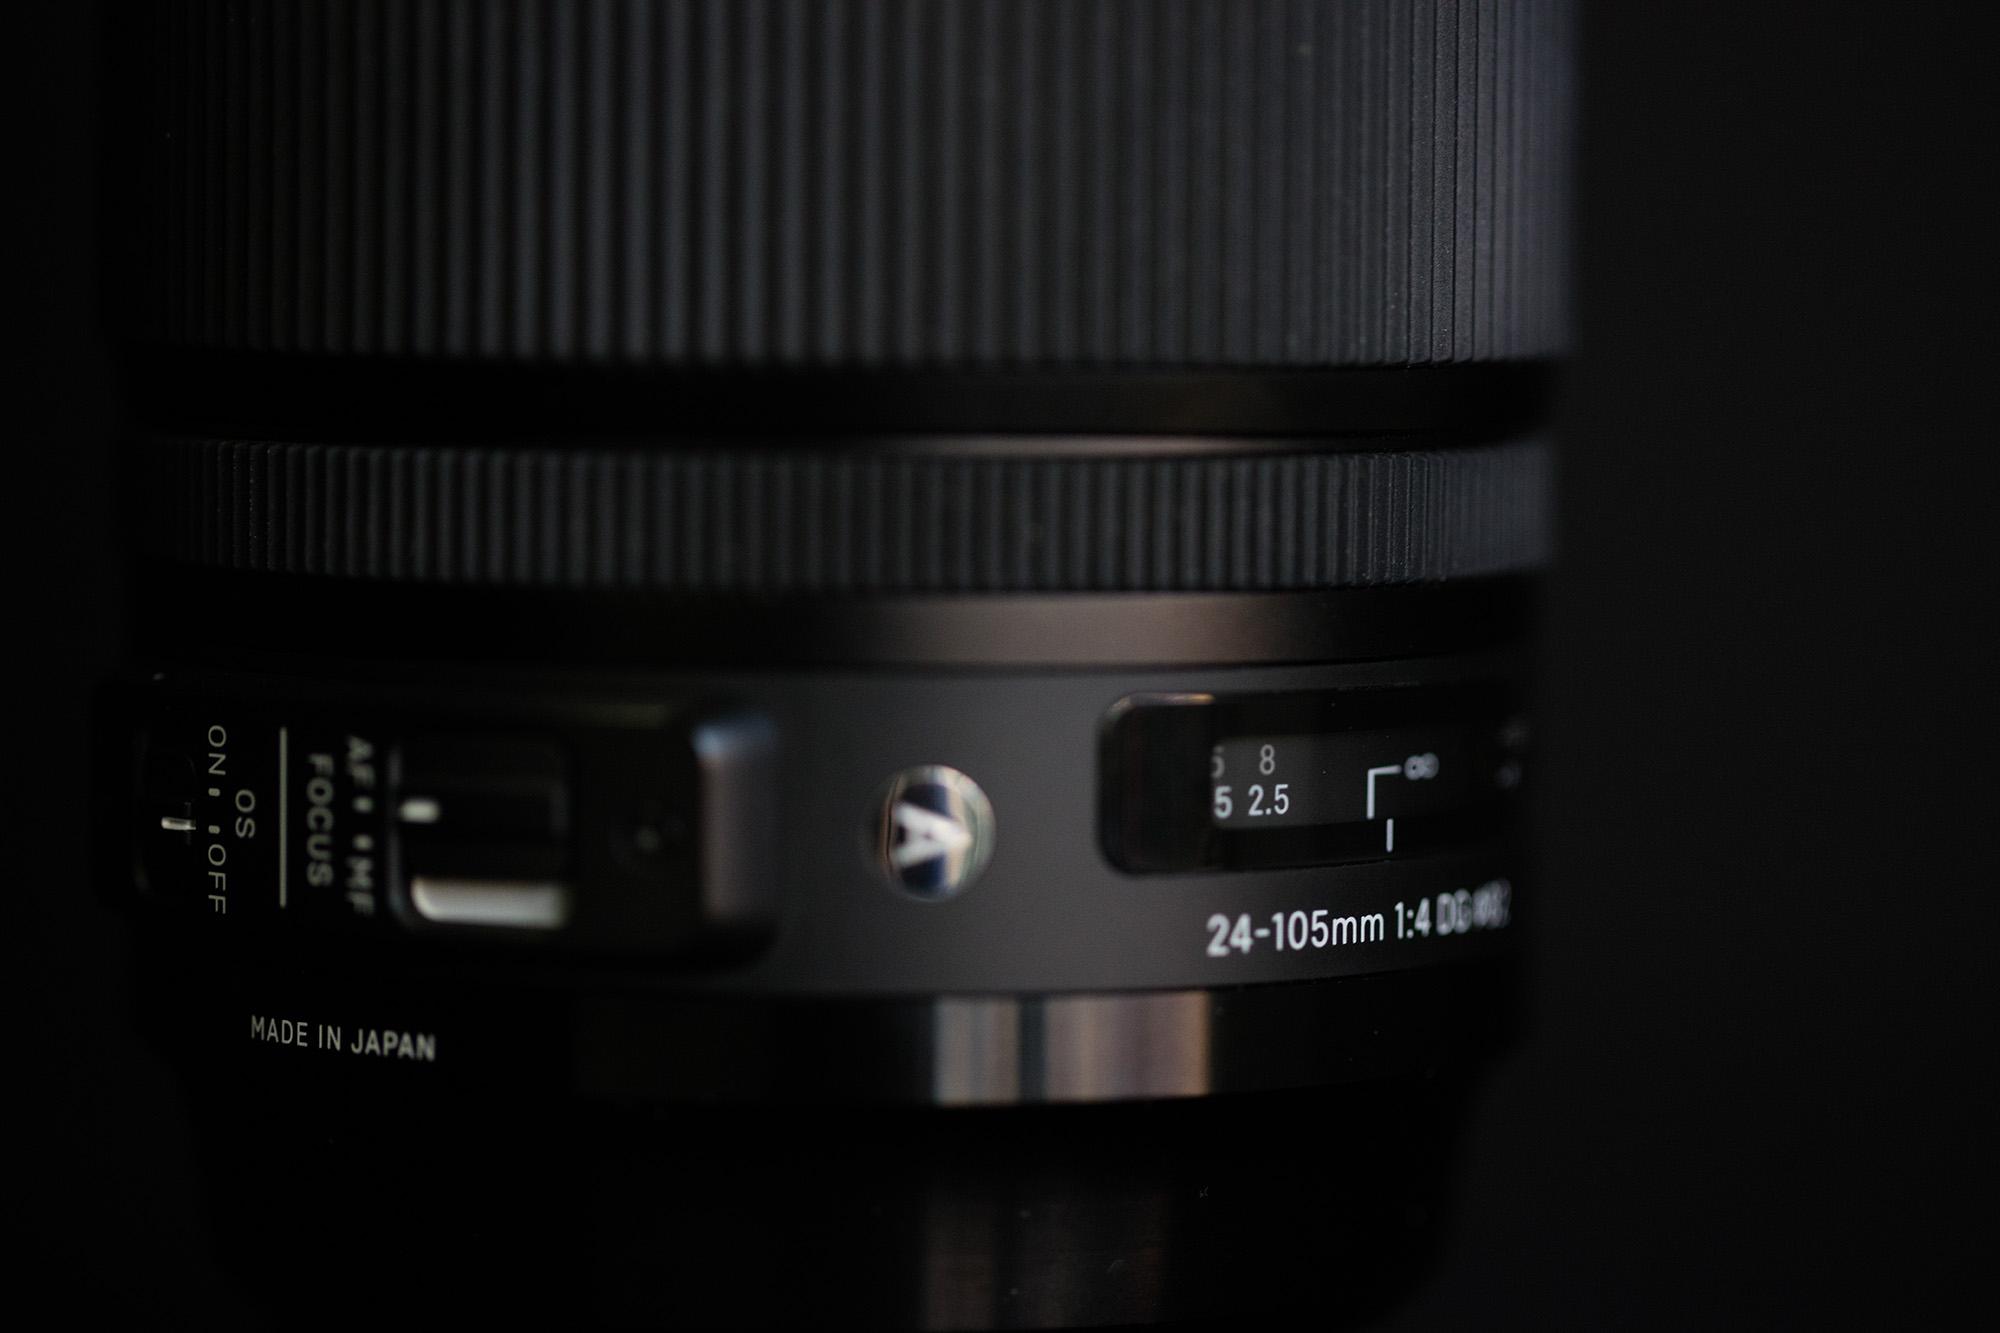 Sigma 24-105mm f/4 Art Series MTF Tests